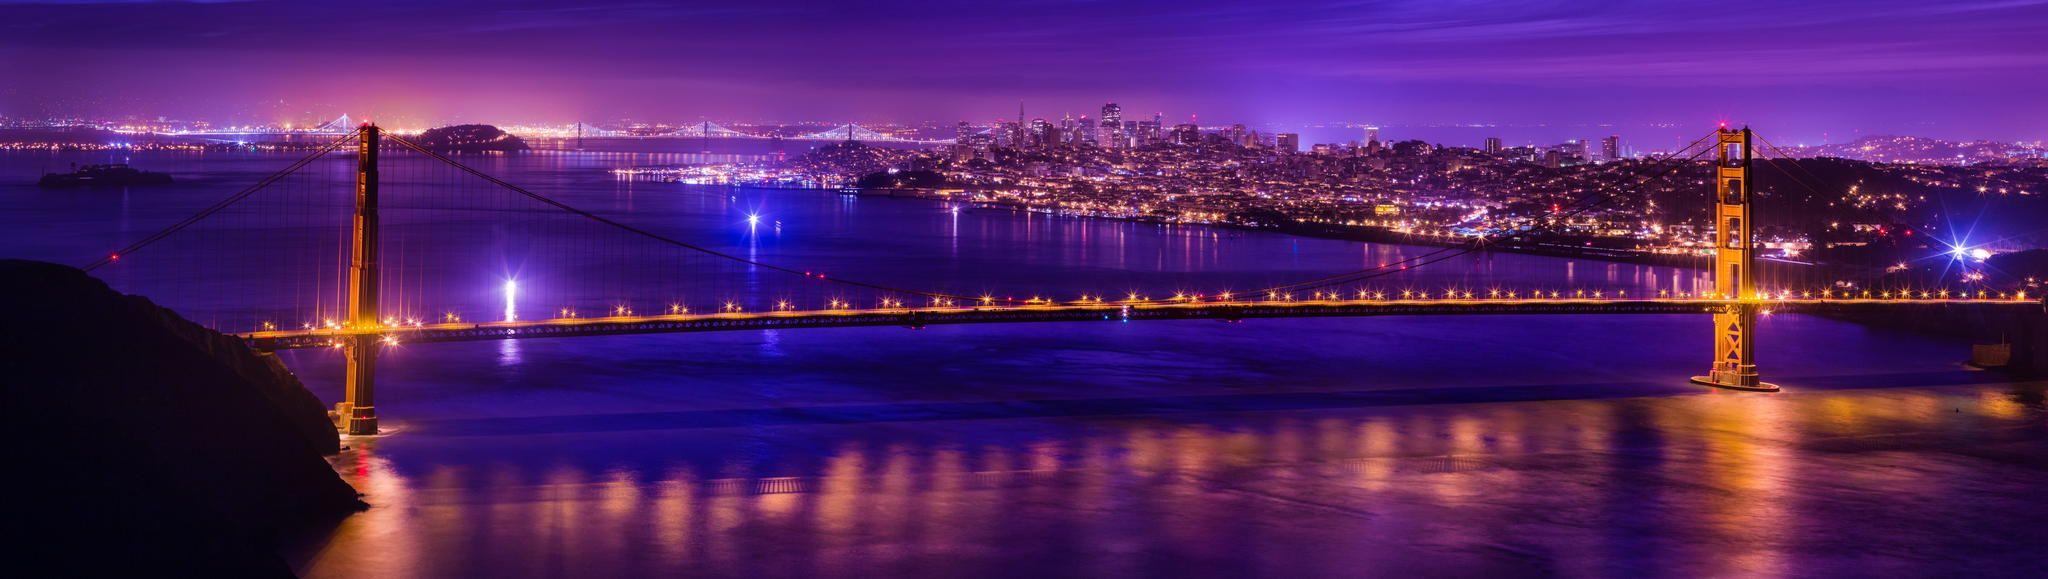 San Francisco by Shumon Saito on 500px